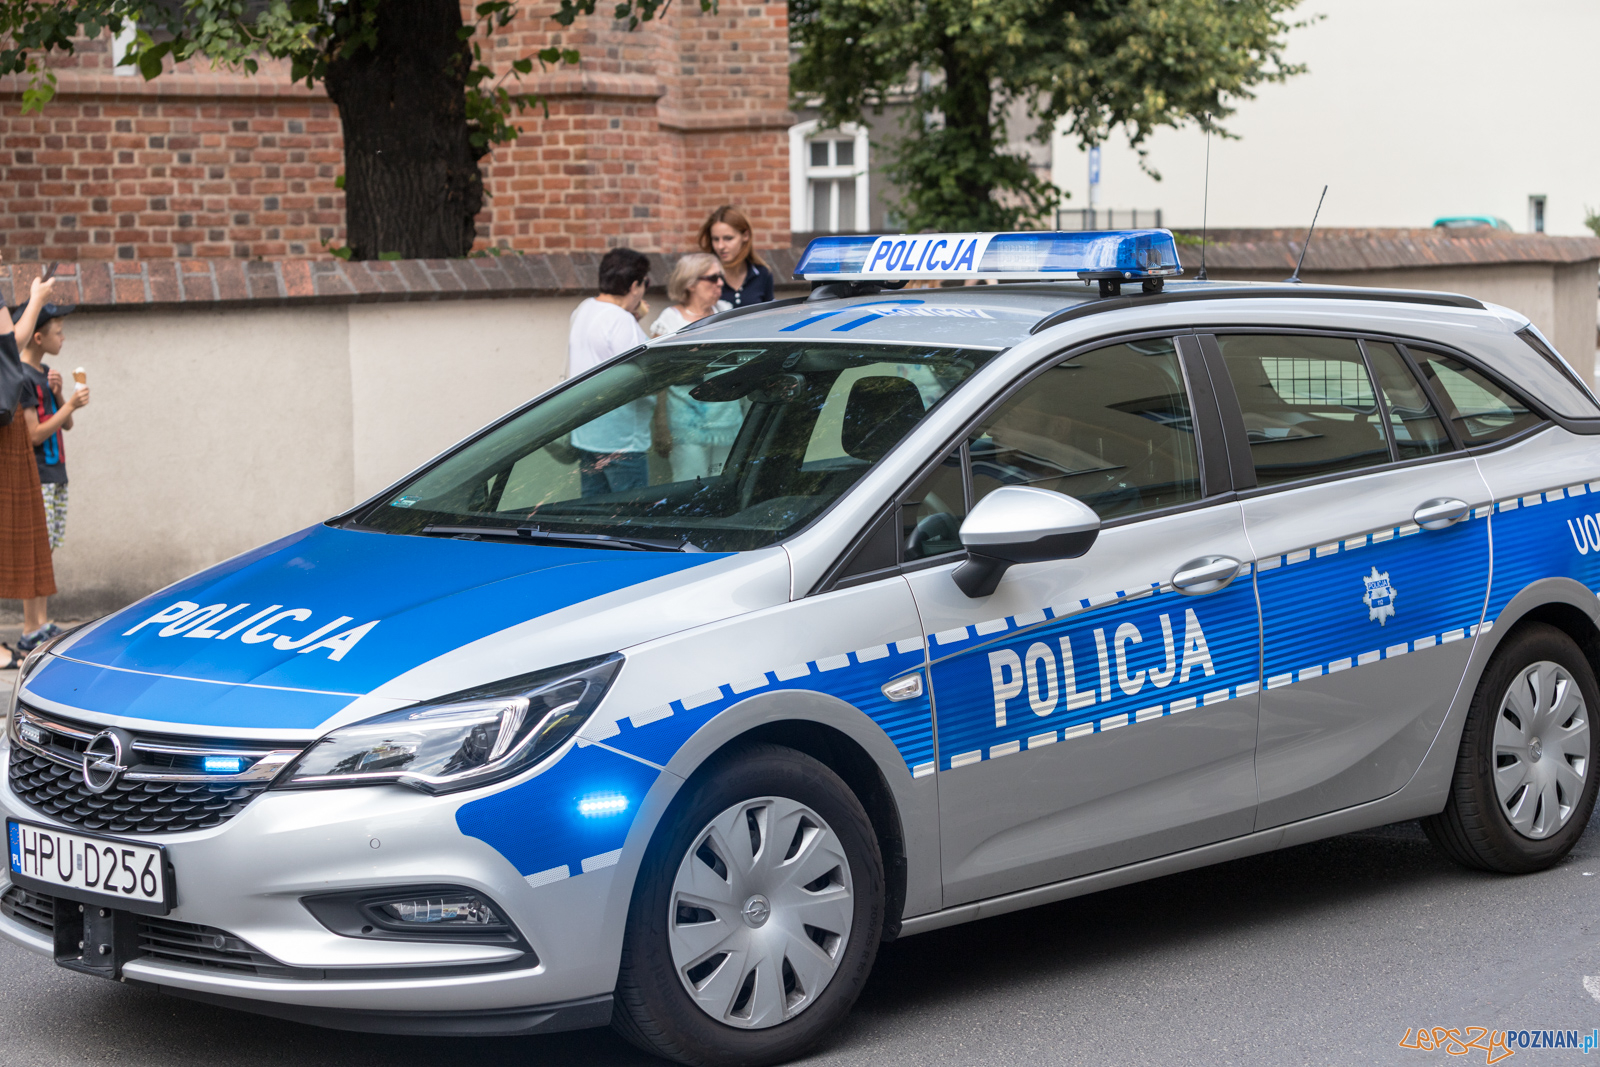 Policja  Foto: lepszyPOZNAN.pl/Piotr Rychter